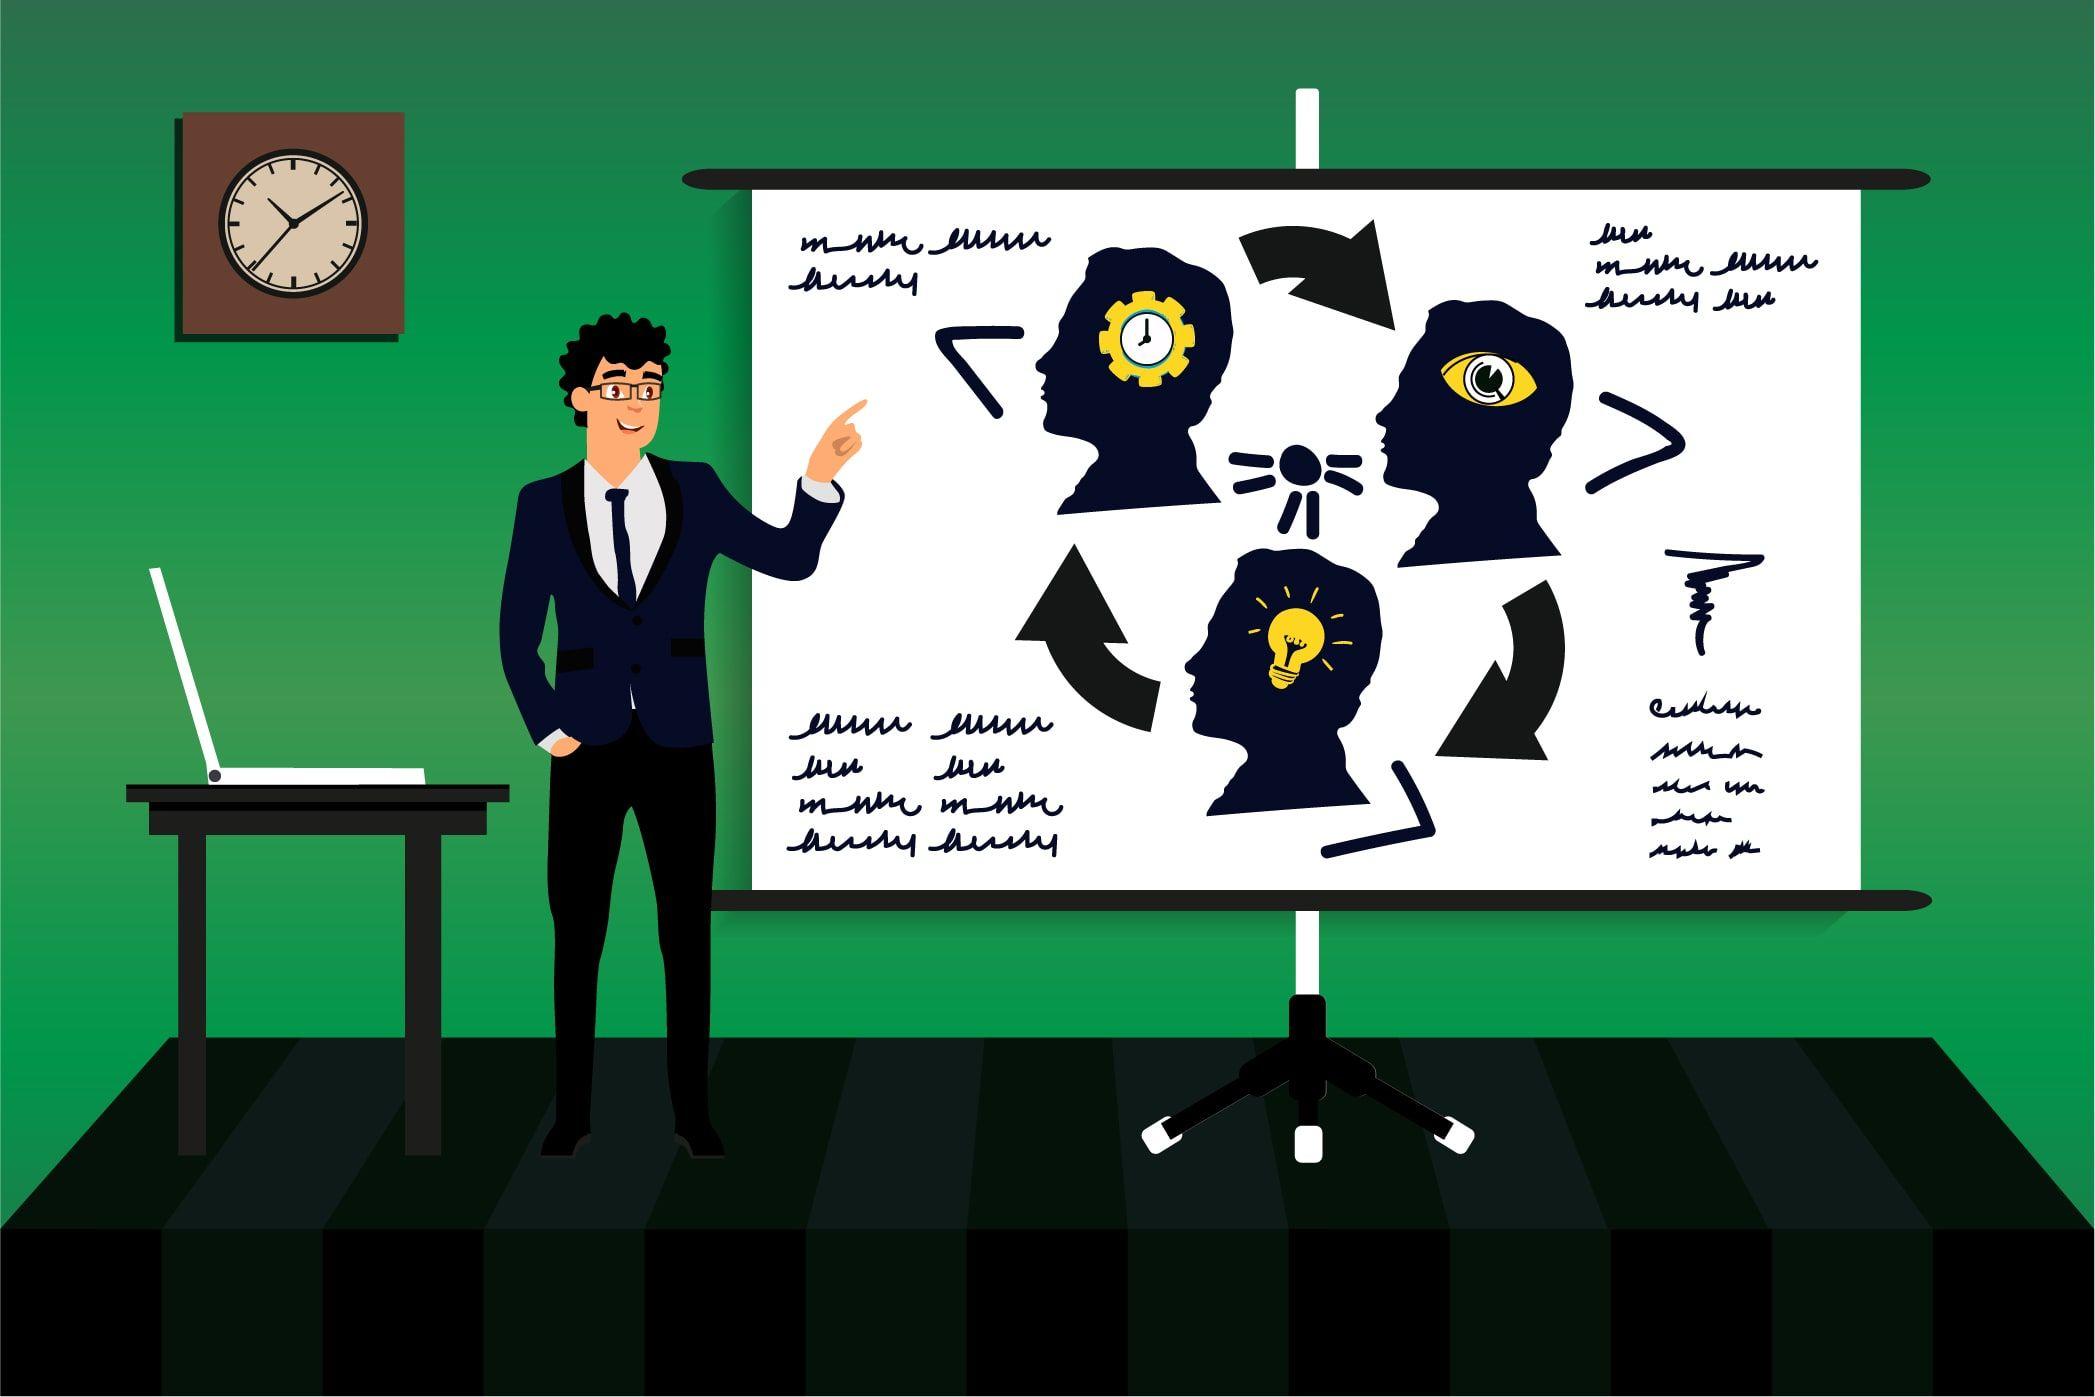 metodologías para la gestión de proyectos